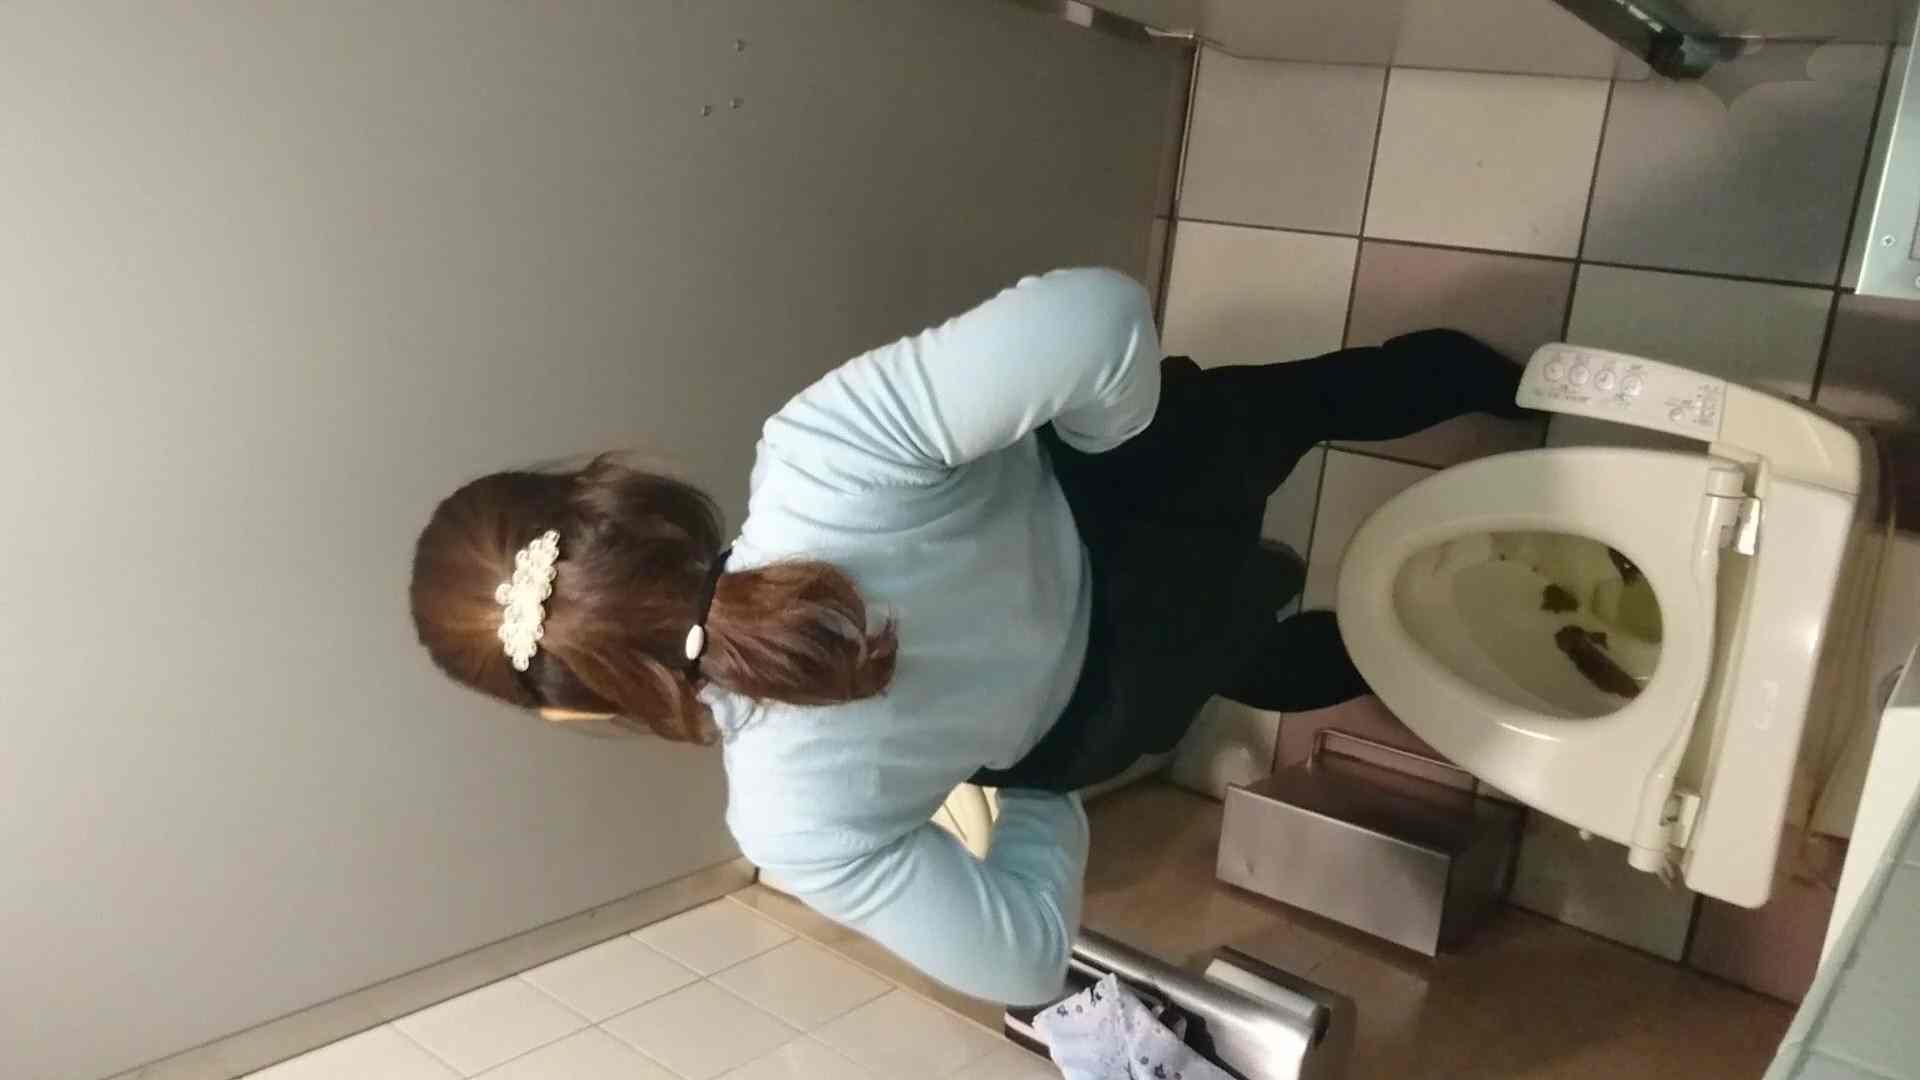 無修正エロ動画|化粧室絵巻 ショッピングモール編 VOL.13|怪盗ジョーカー